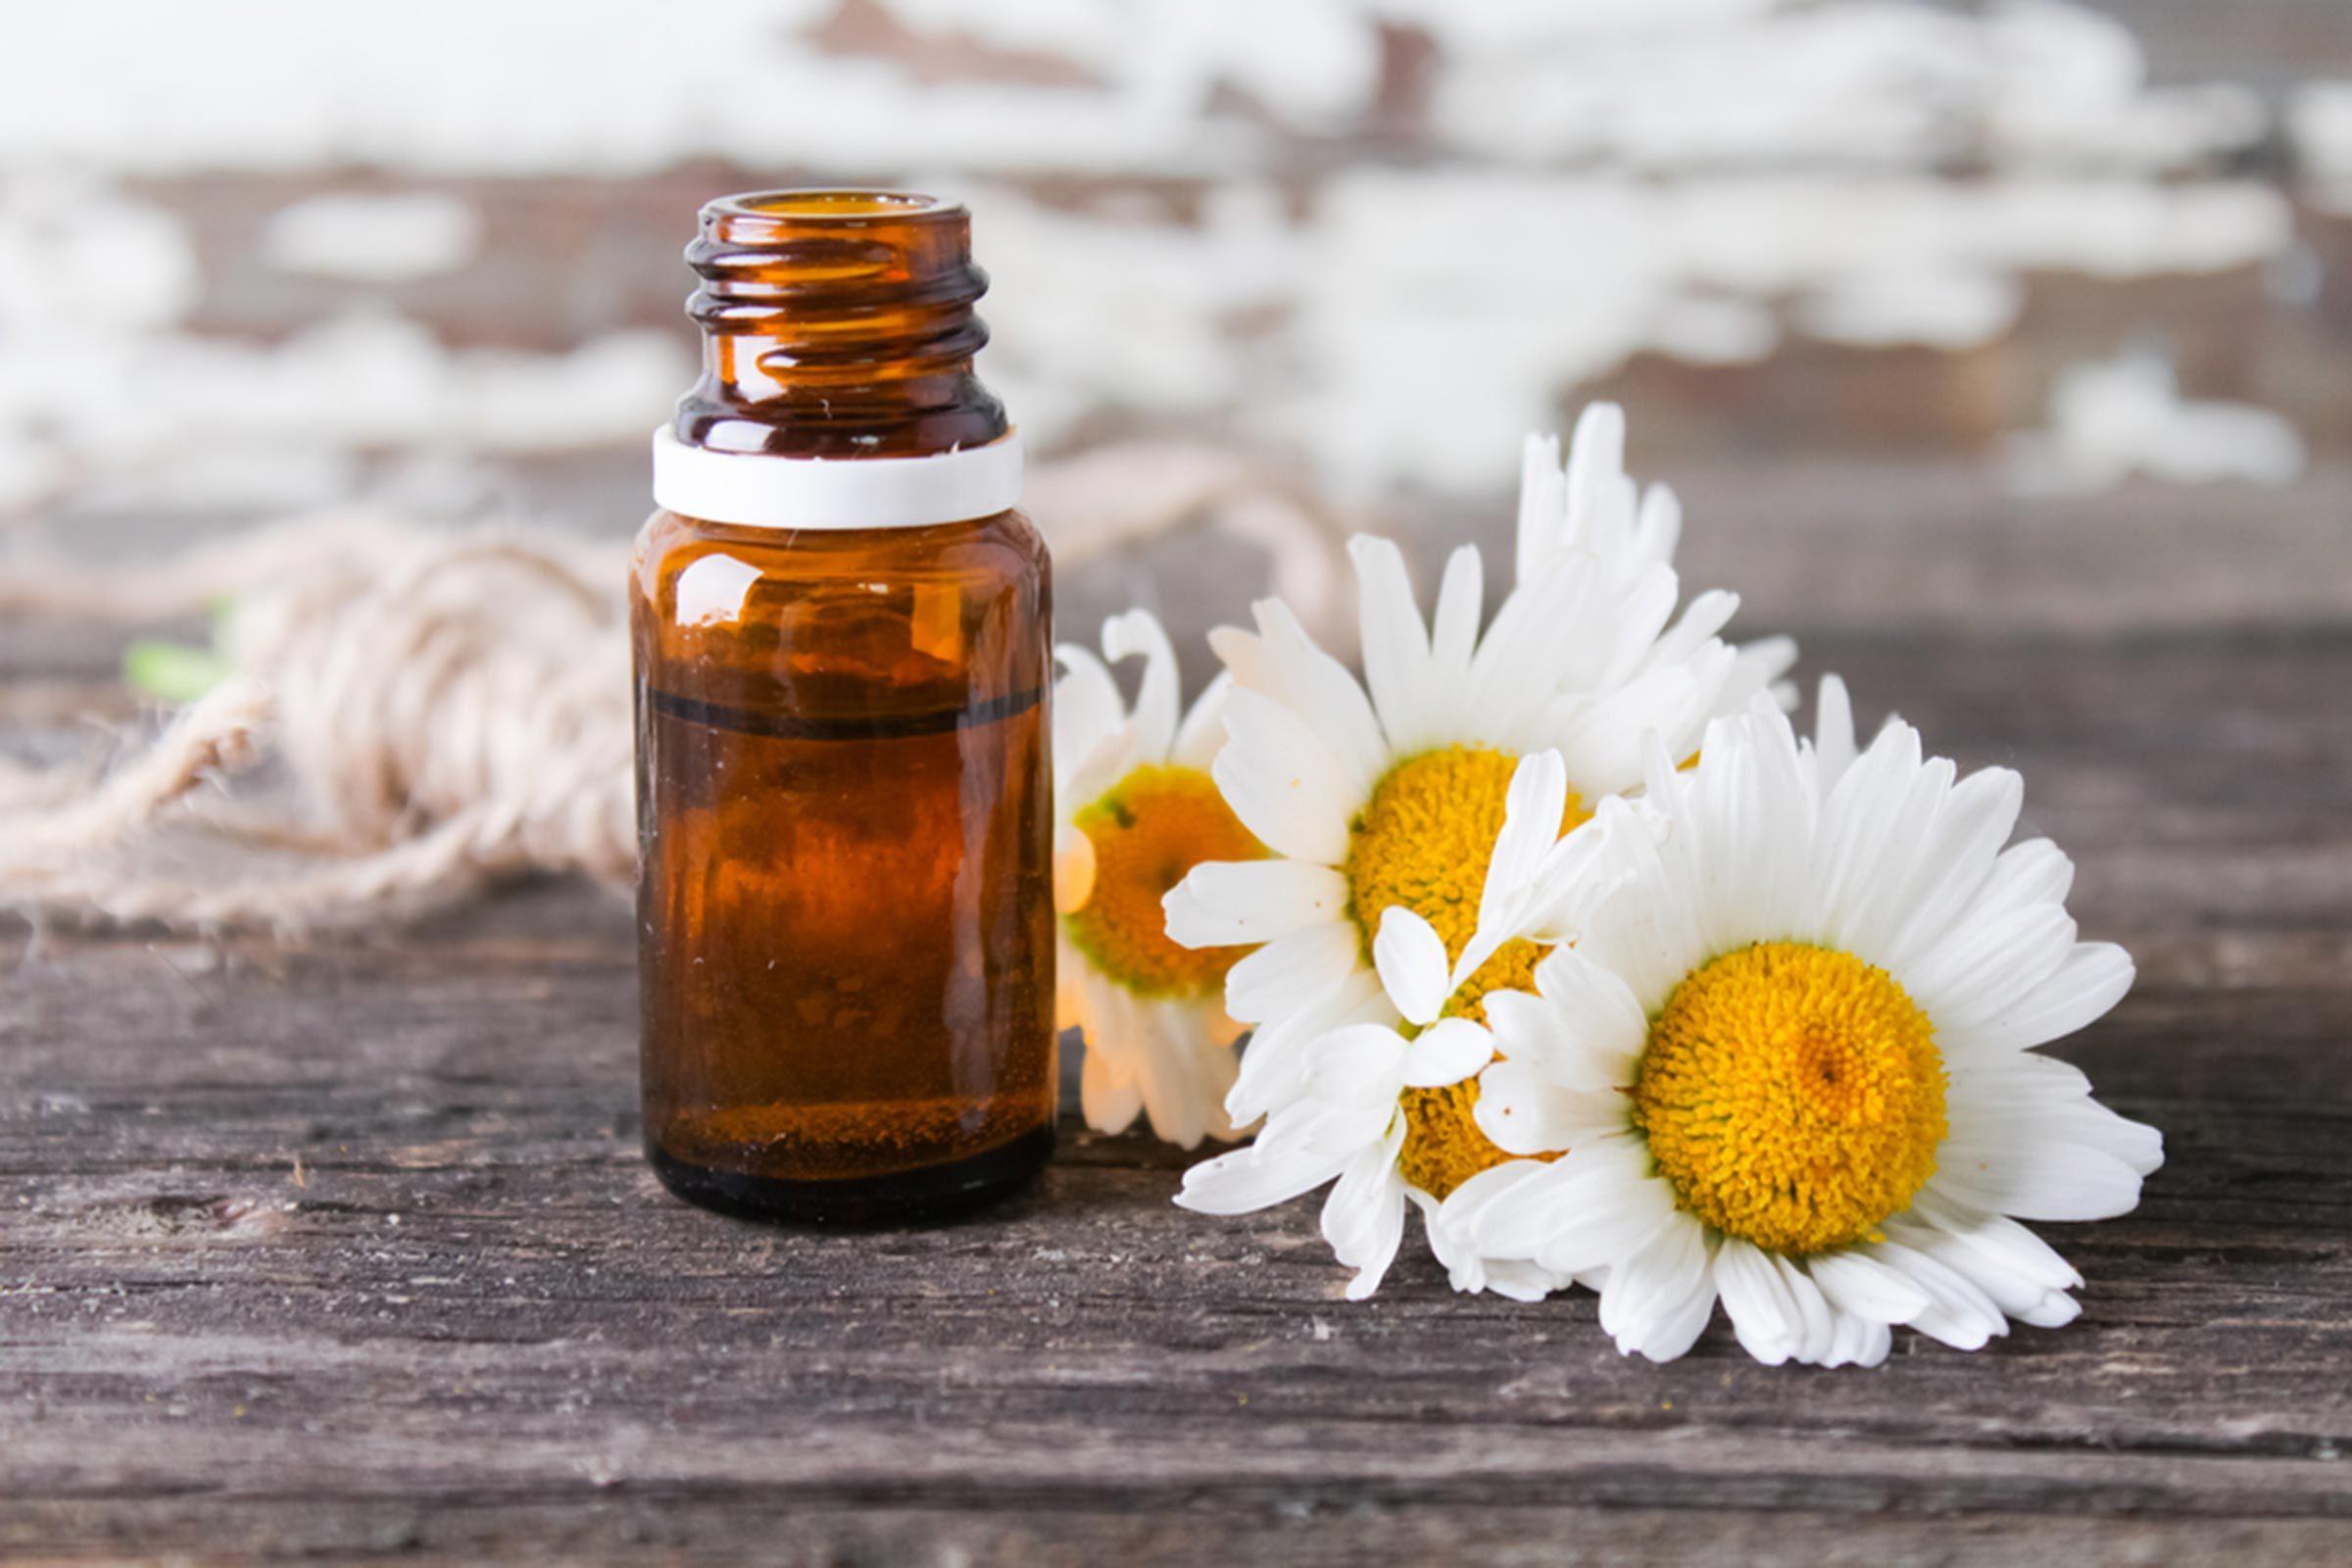 Huiles essentielles pour soulager les crampes menstruelles: L'huile de camomille romaine